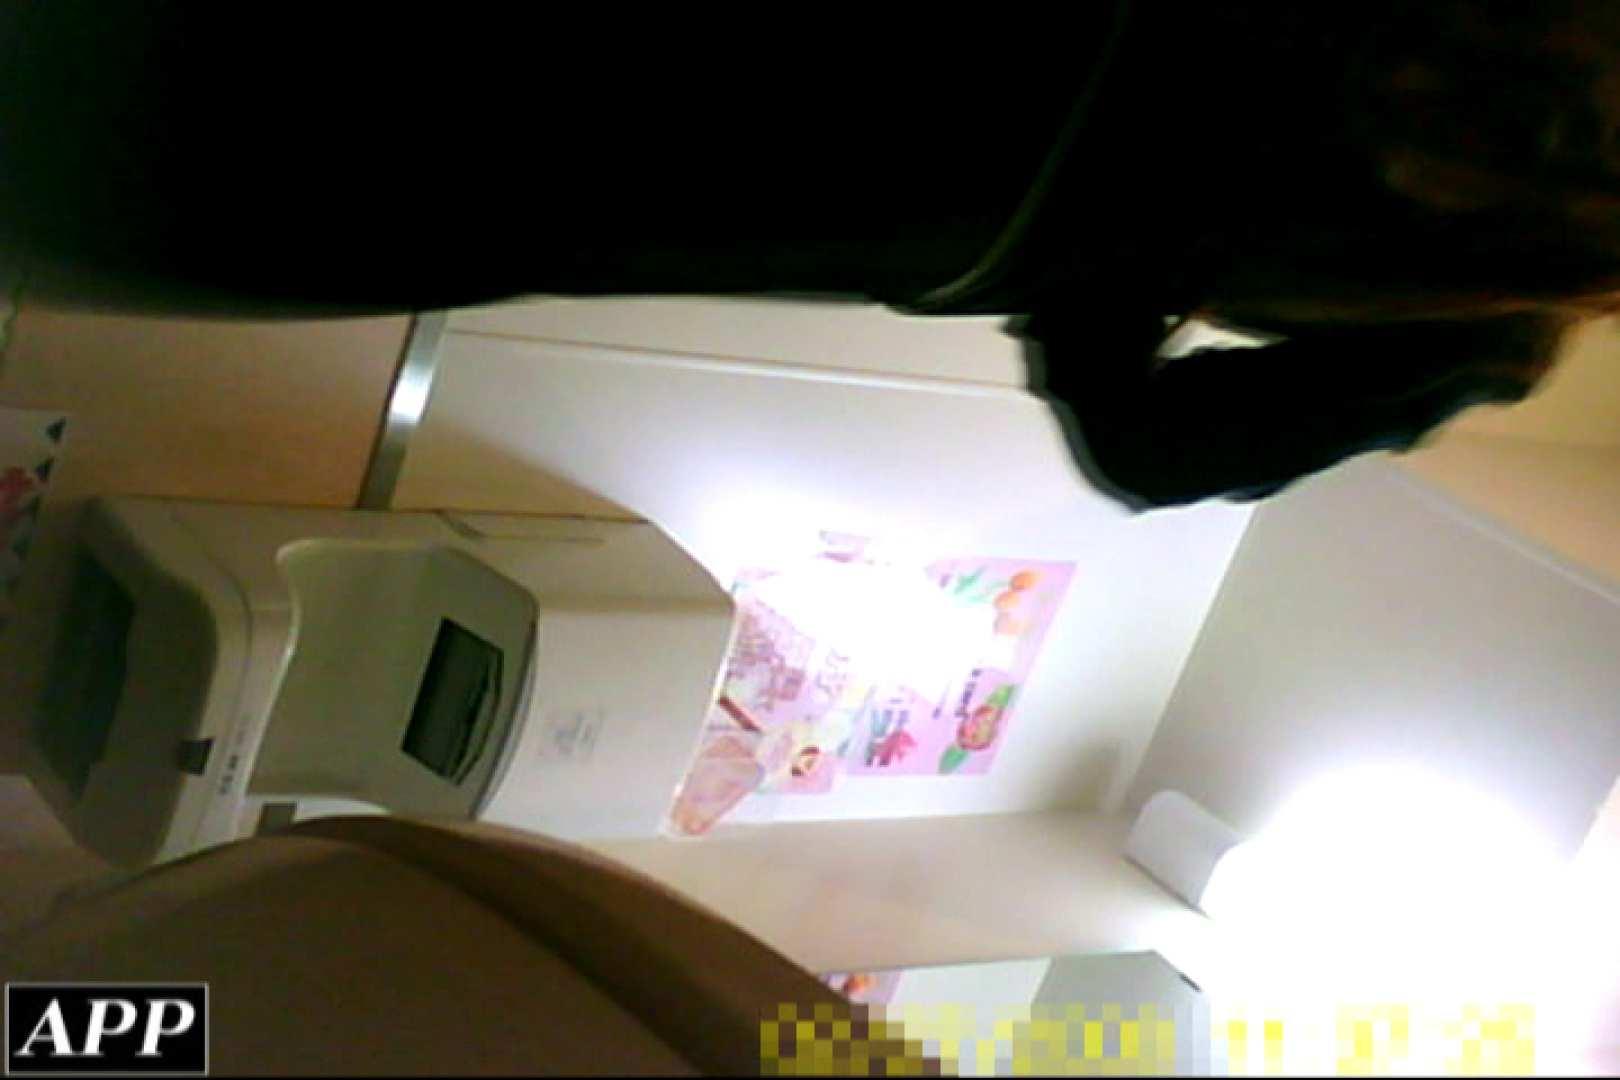 3視点洗面所 vol.135 肛門 のぞき動画画像 71PIX 41